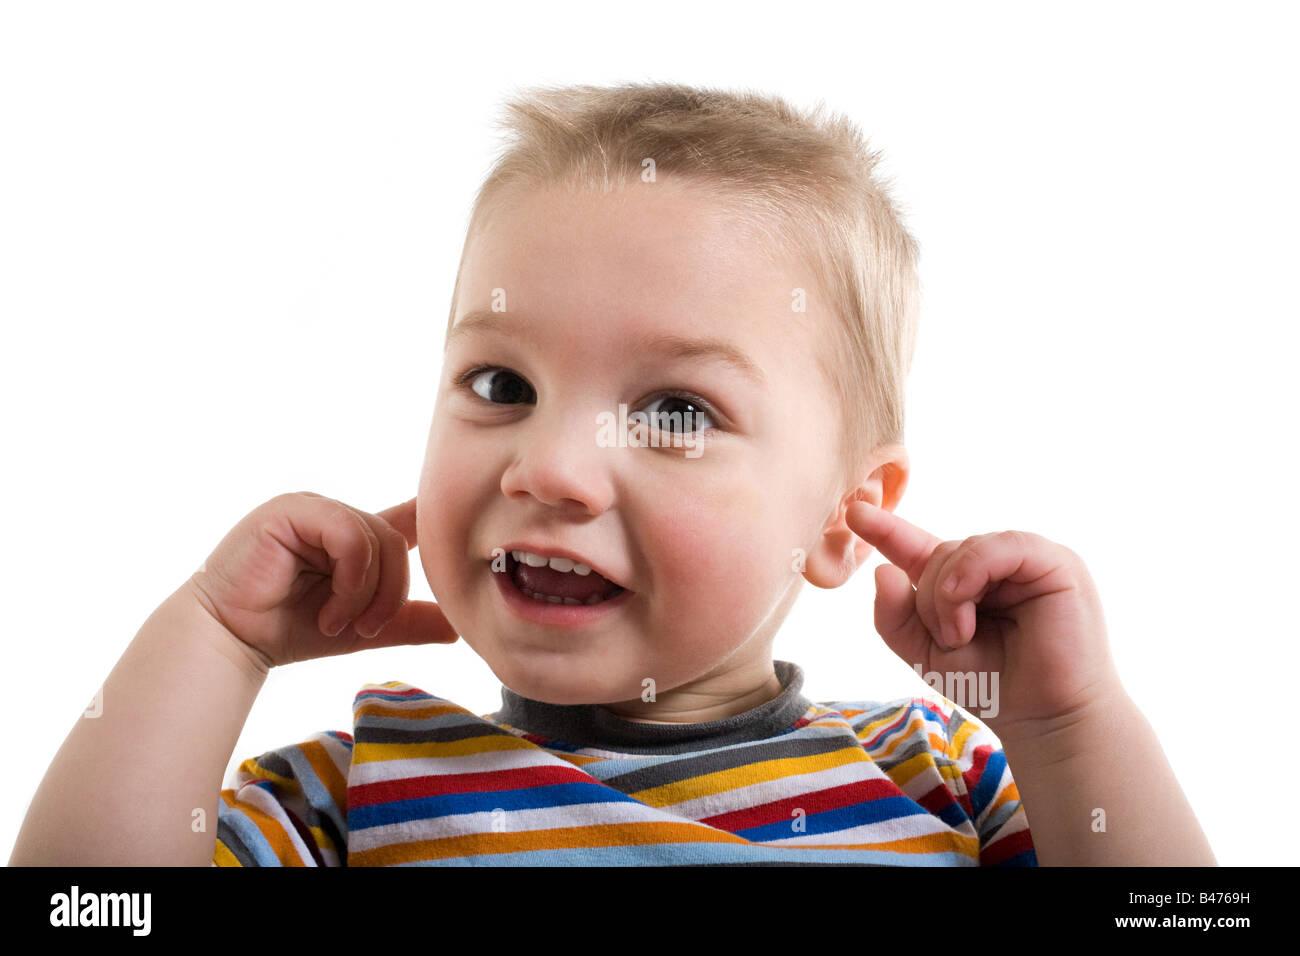 Un petit enfant avec ses doigts dans ses oreilles Photo Stock